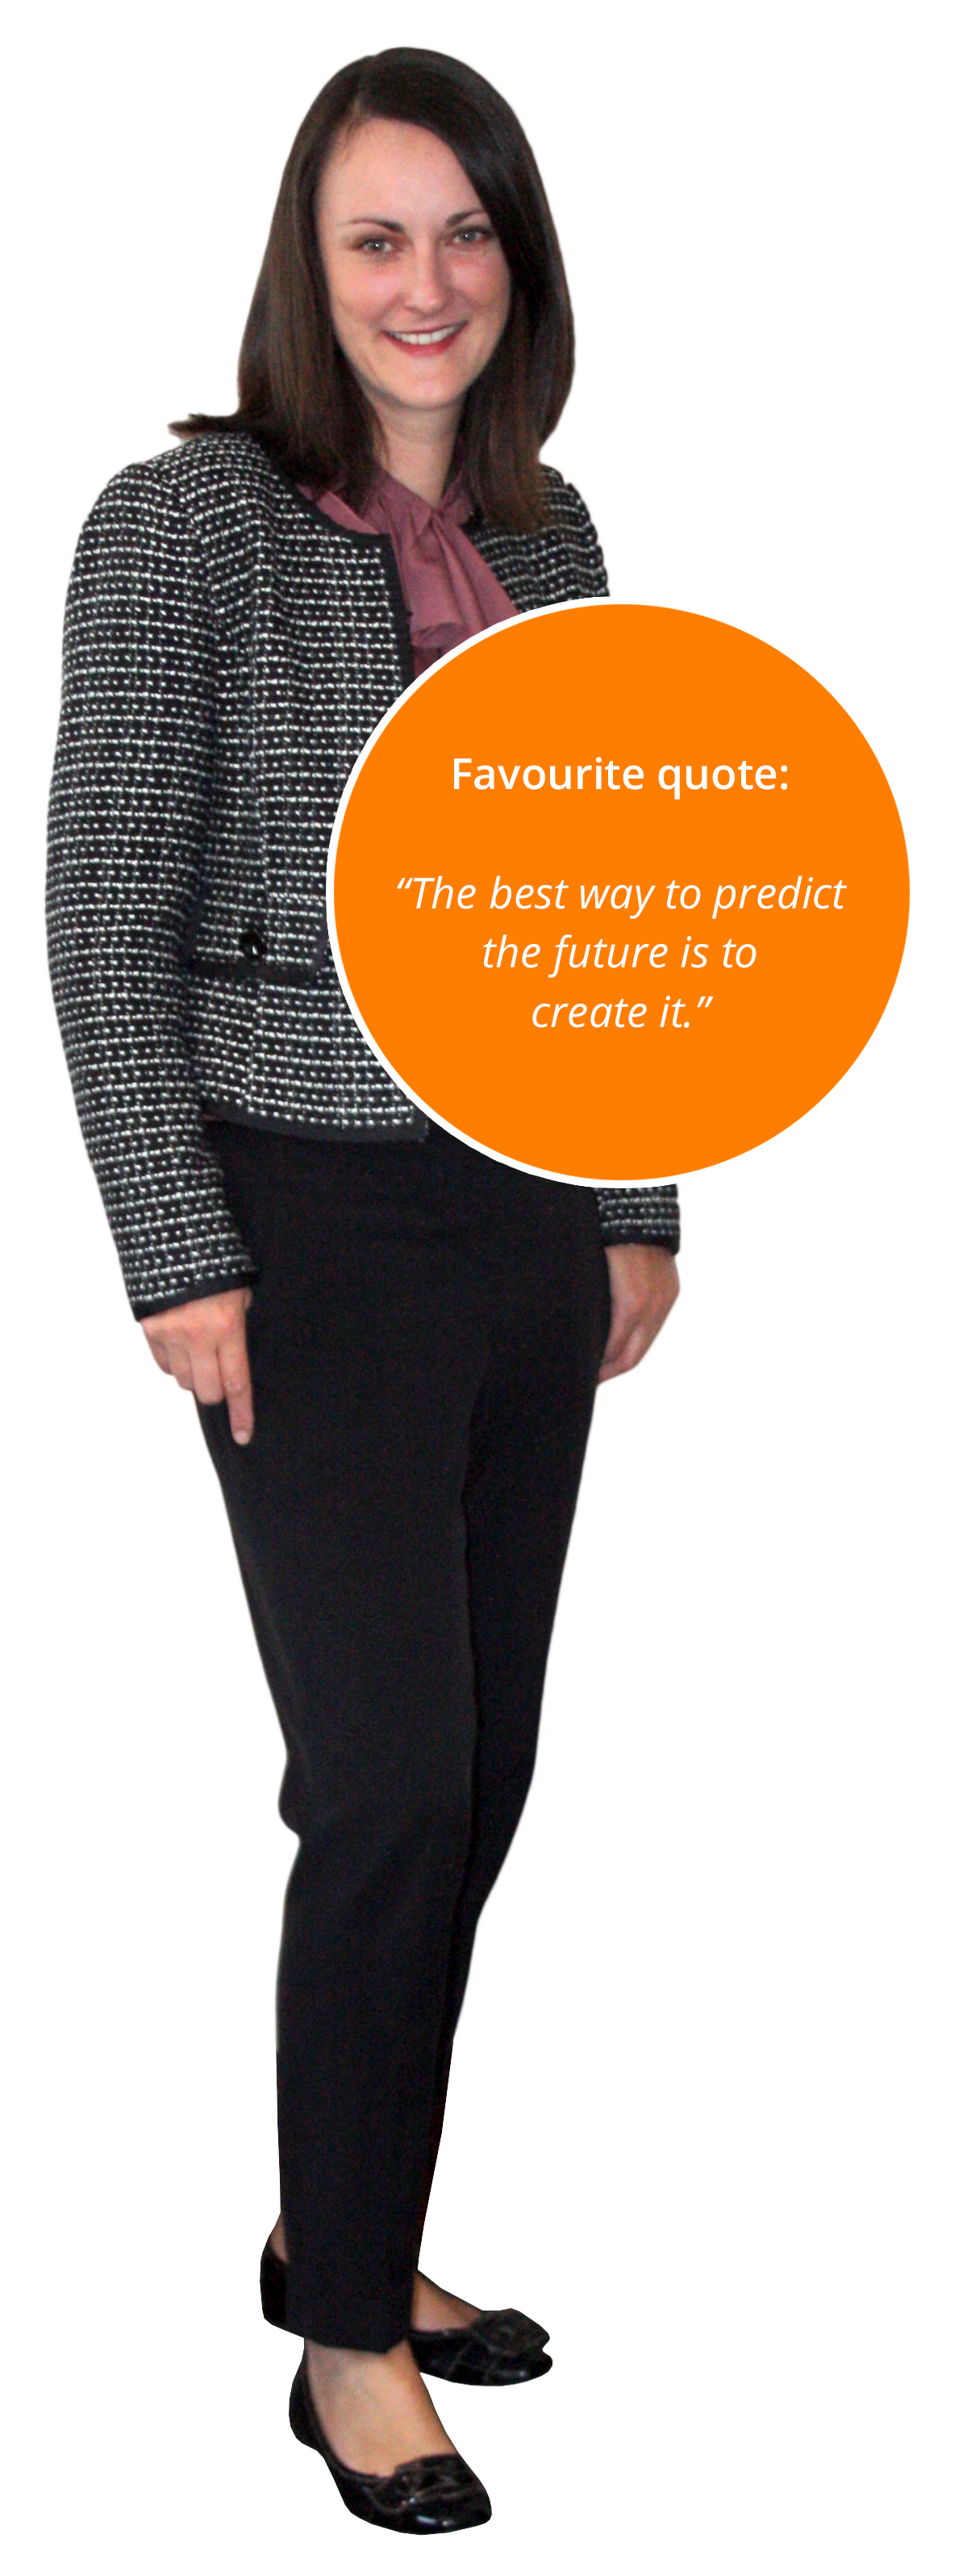 Danielle Ward - Marketing Consultant